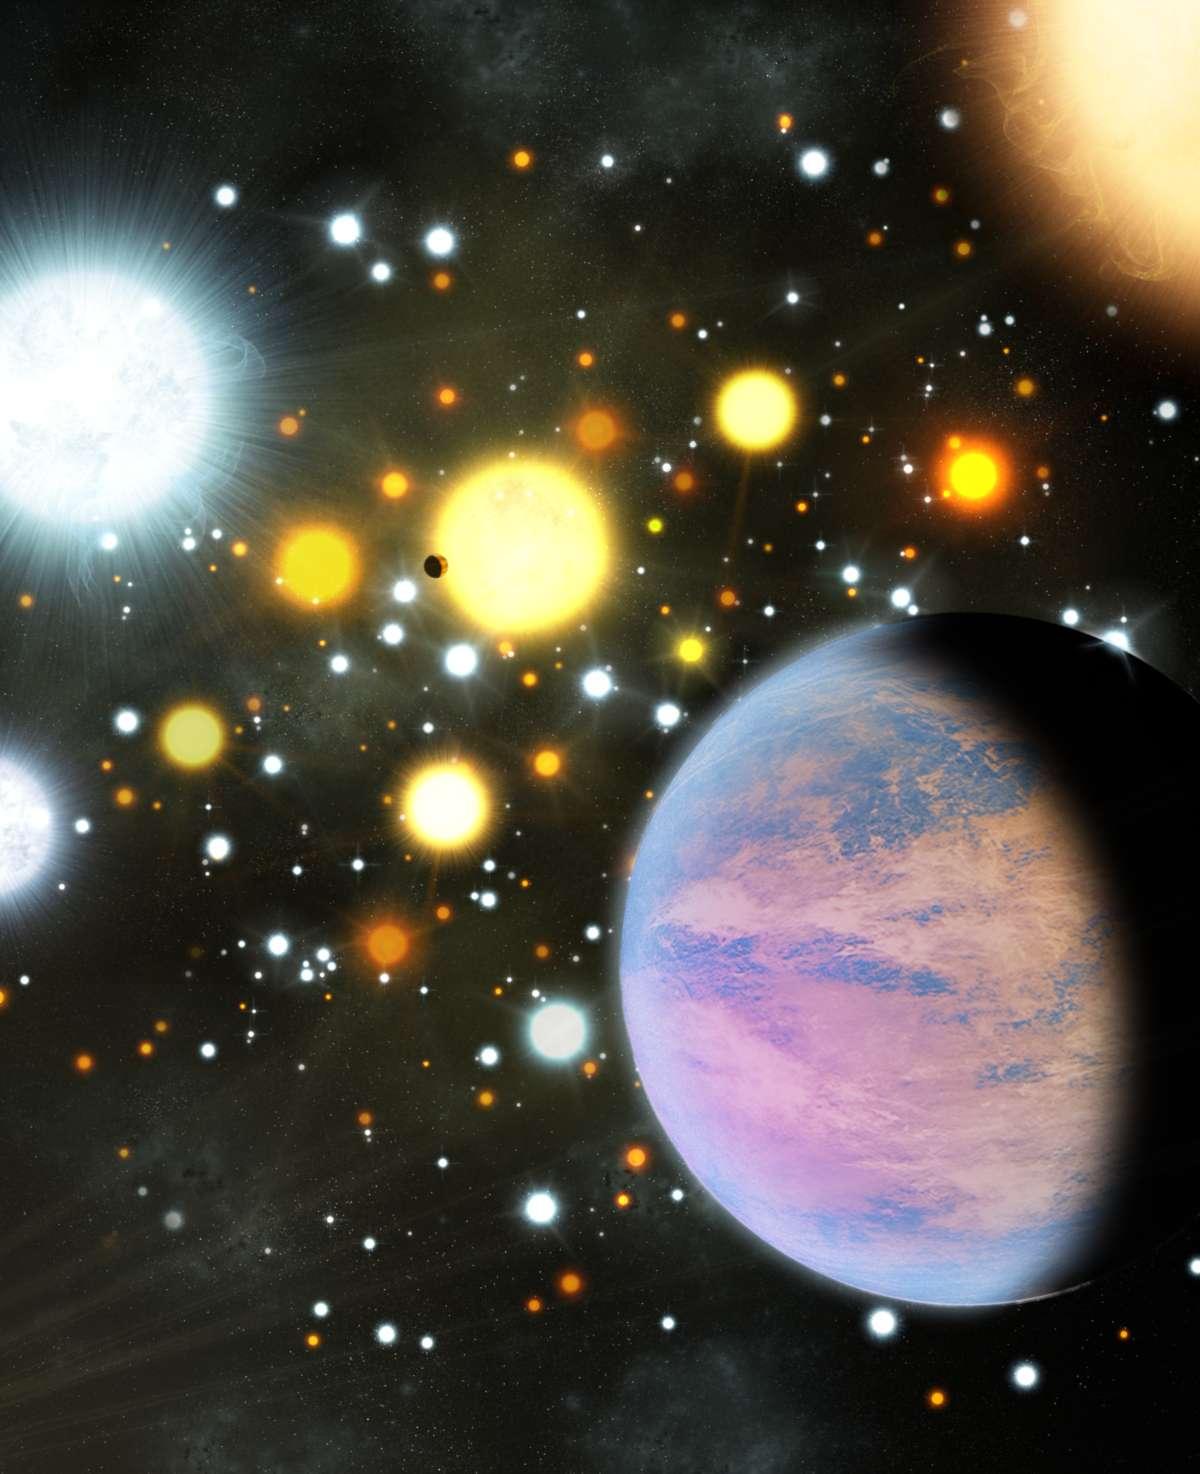 Une image d'artiste montrant les mini-Neptunes découvertes dans un amas ouvert par Kepler. La densité des étoiles dans l'amas NGC 6811 est élevée, mais moins que sur cette image, qui en montre une vision exagérée. © Michael Bachofner